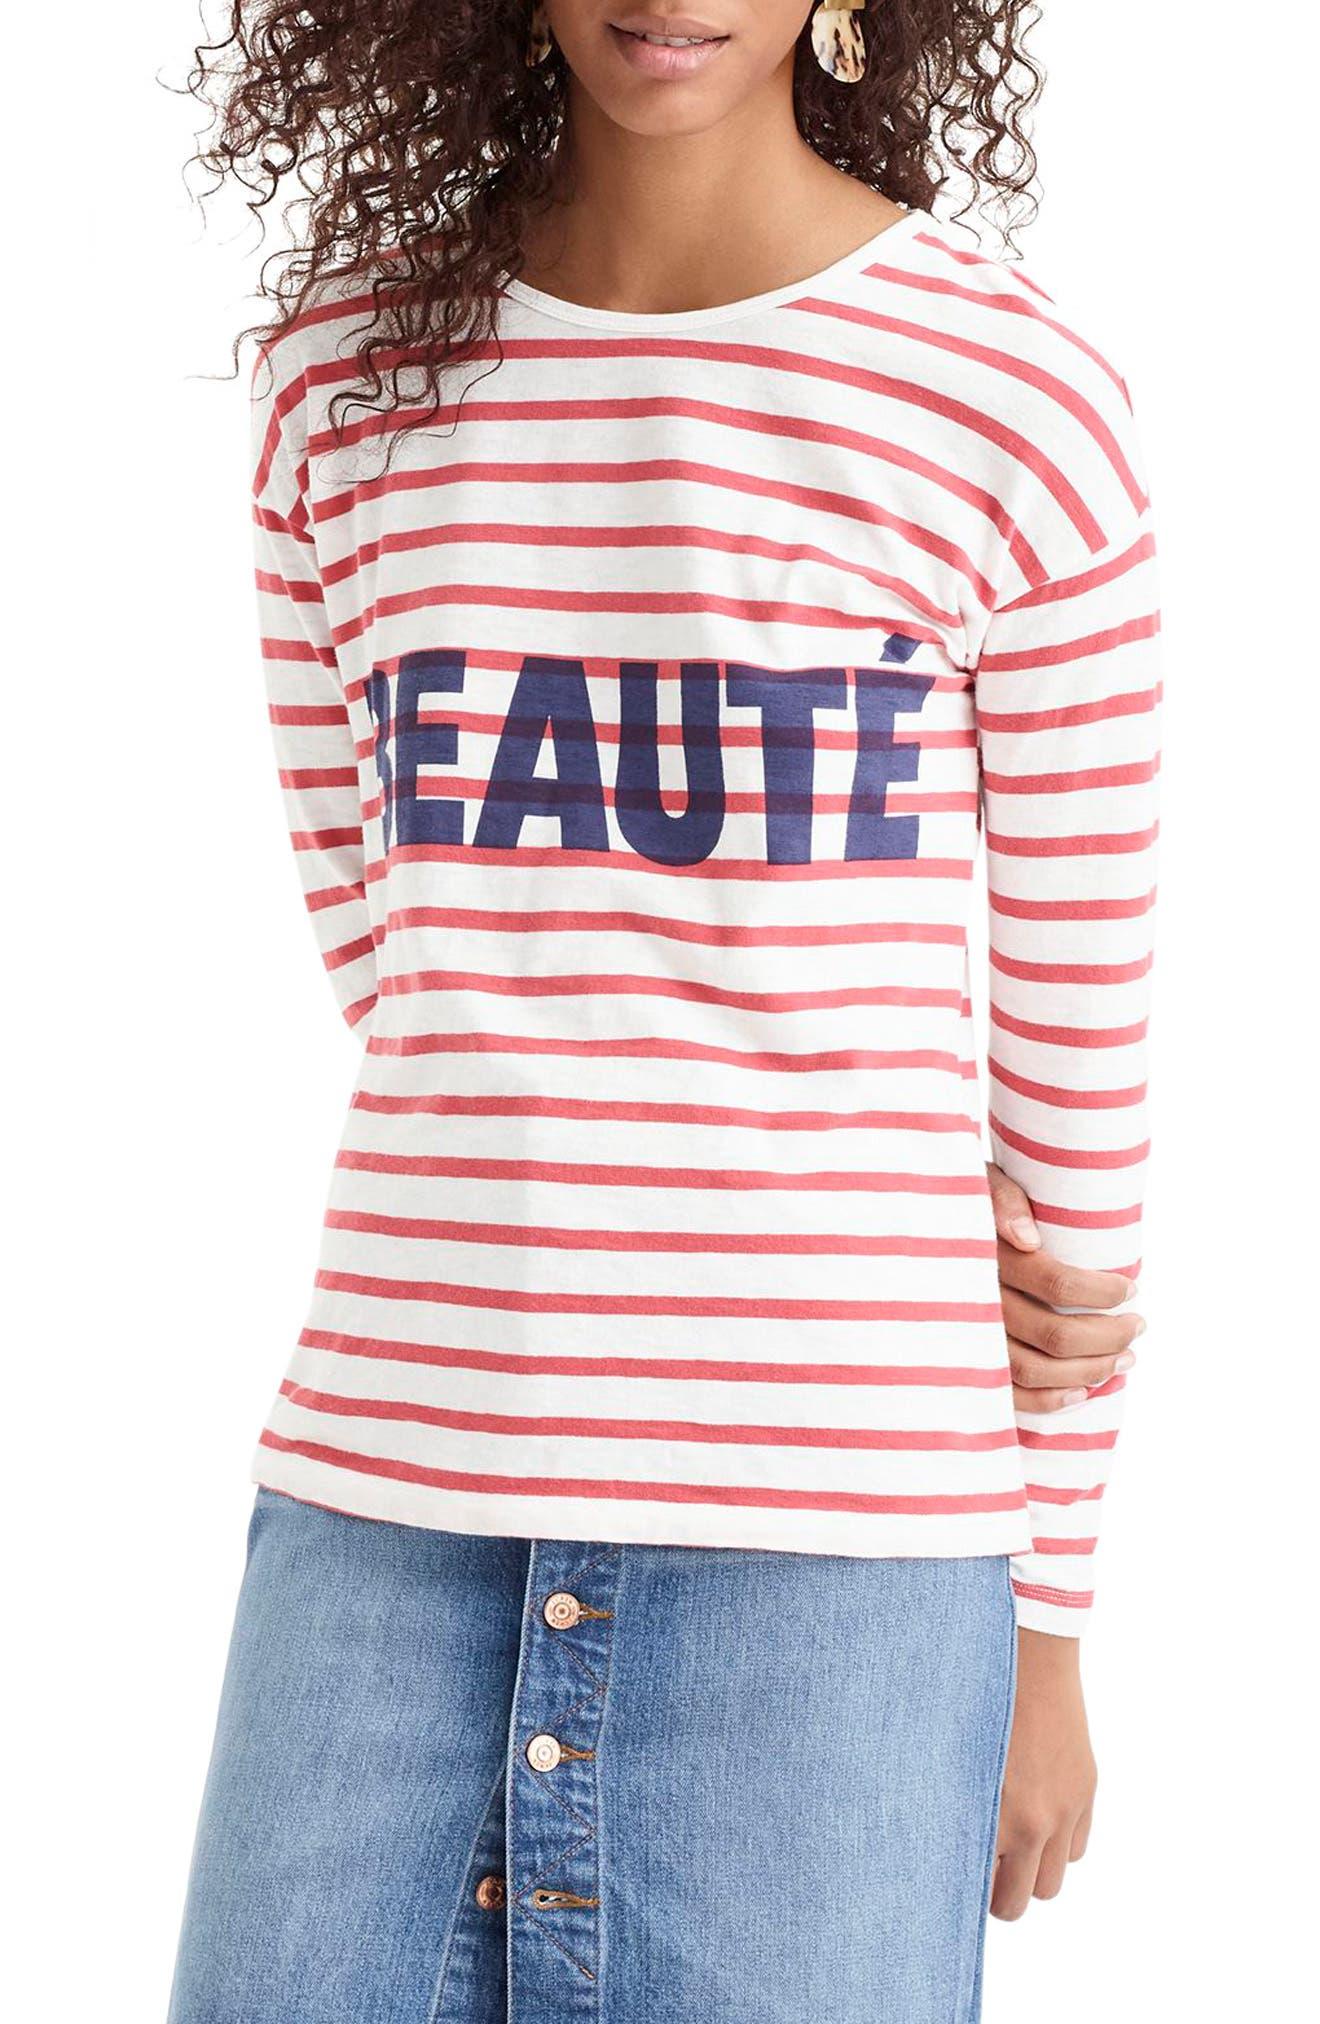 Beauté T-Shirt, Main, color, 600